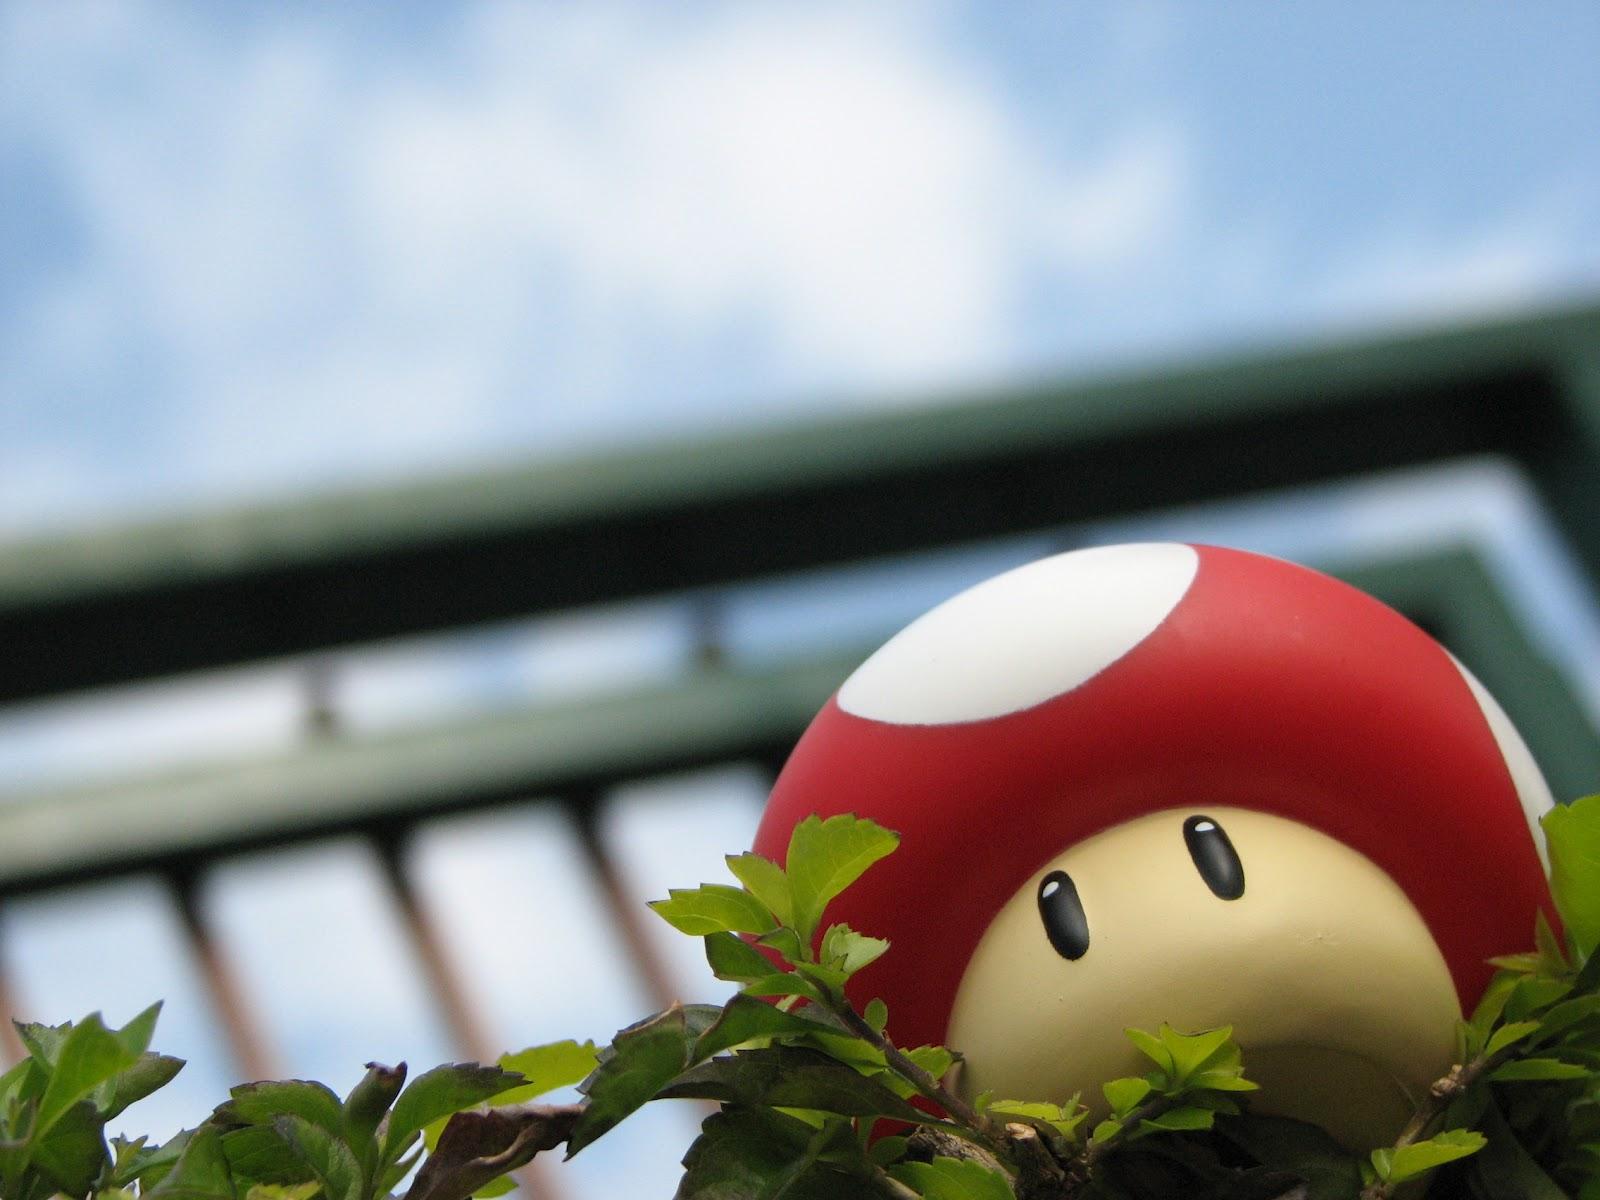 mario mushroom wallpaper